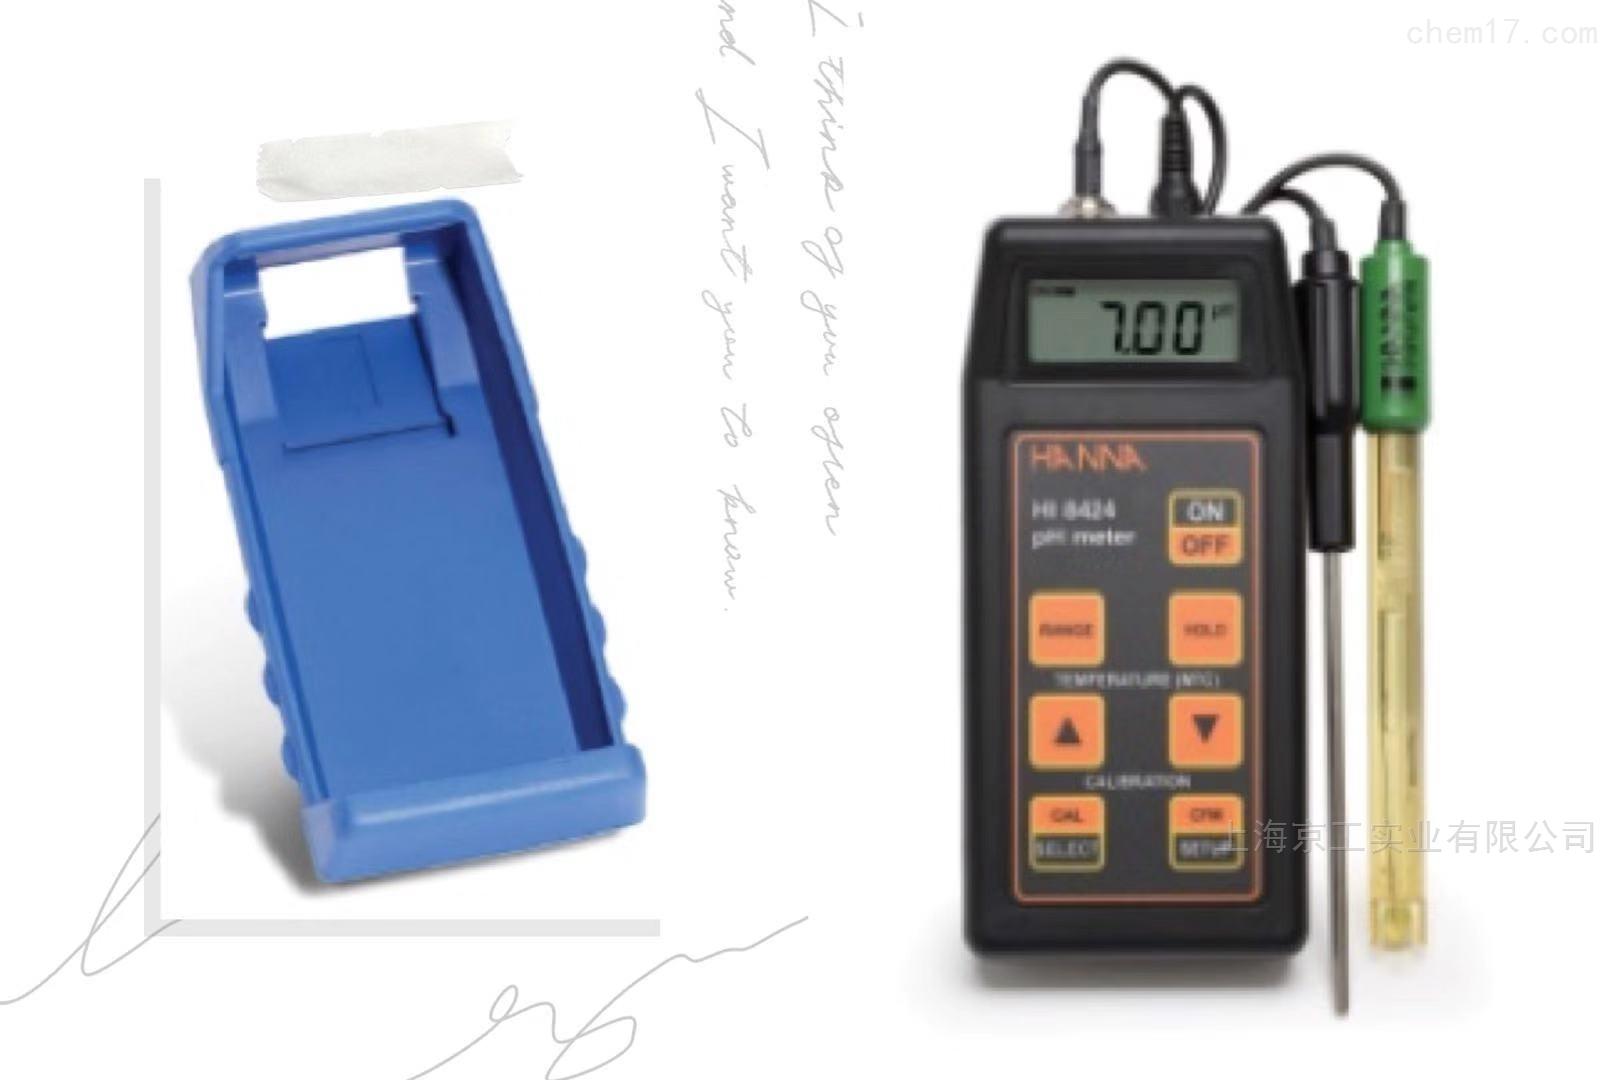 哈纳便携式酸度计/ORP/温度测定仪HI8424